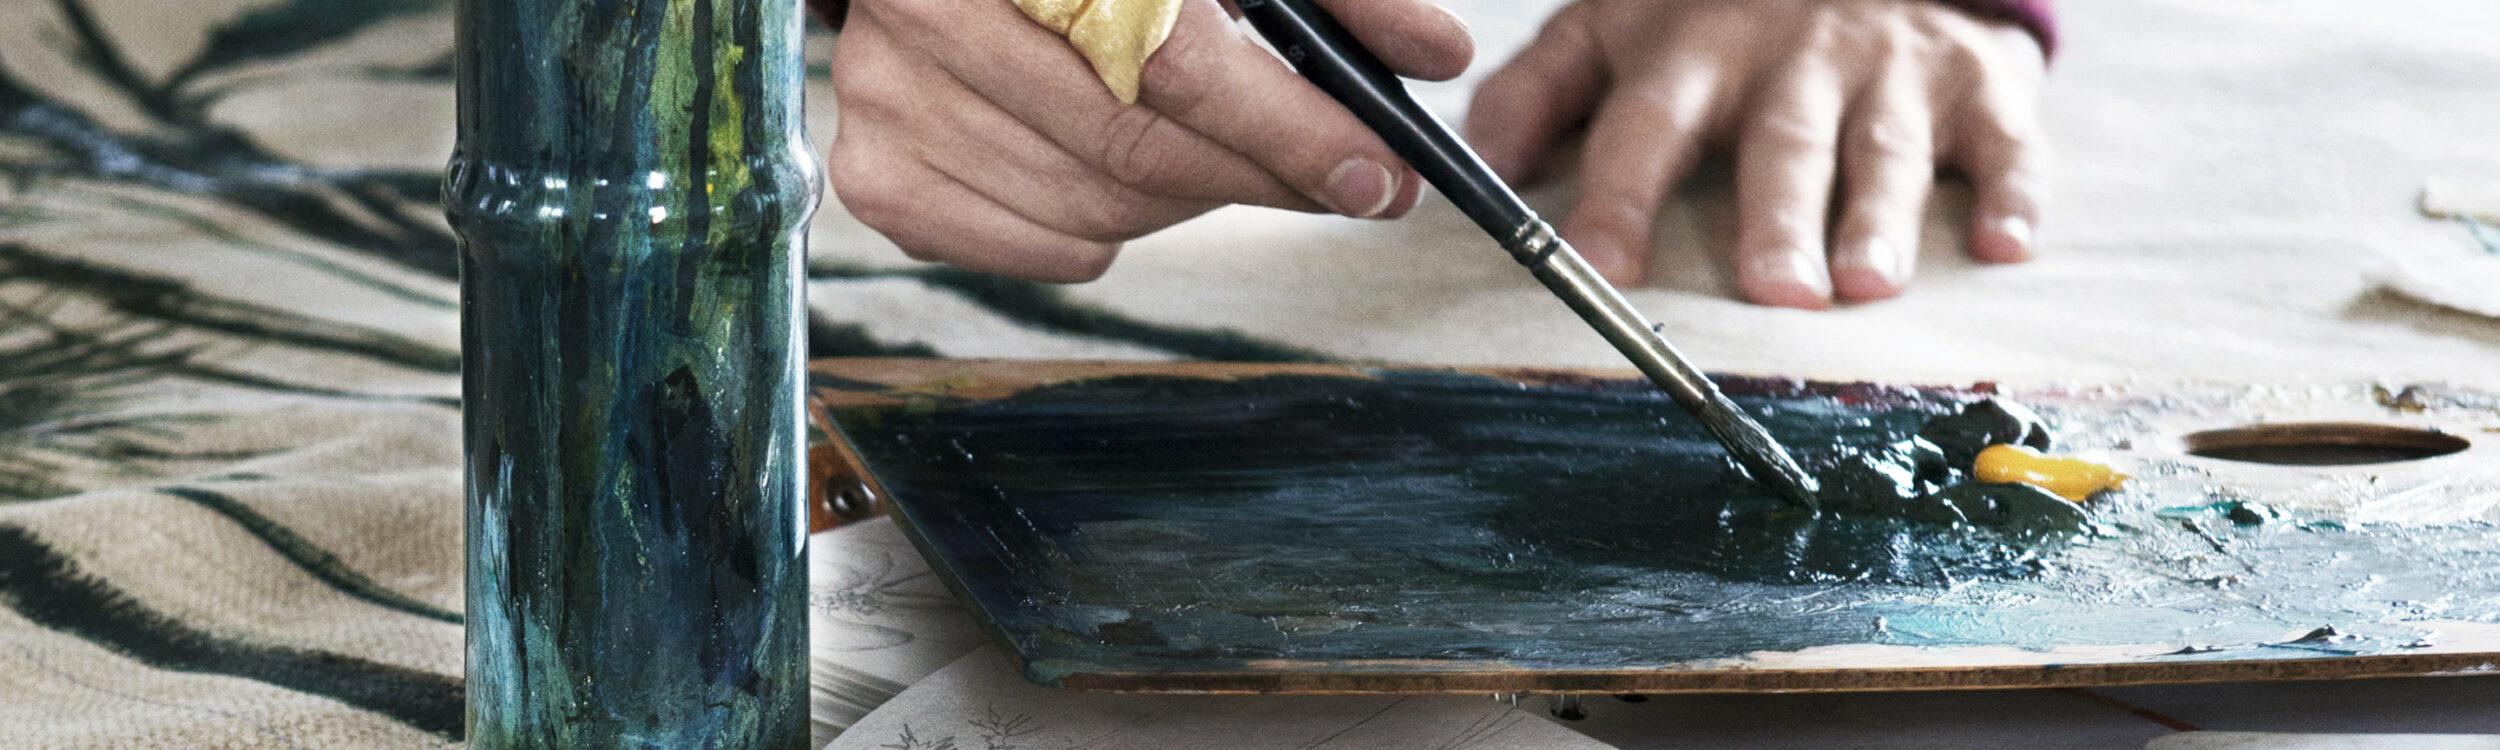 Ole Lynggaard Painting, Galerie Voigt, Nürnberg, Schmuck, Kunst